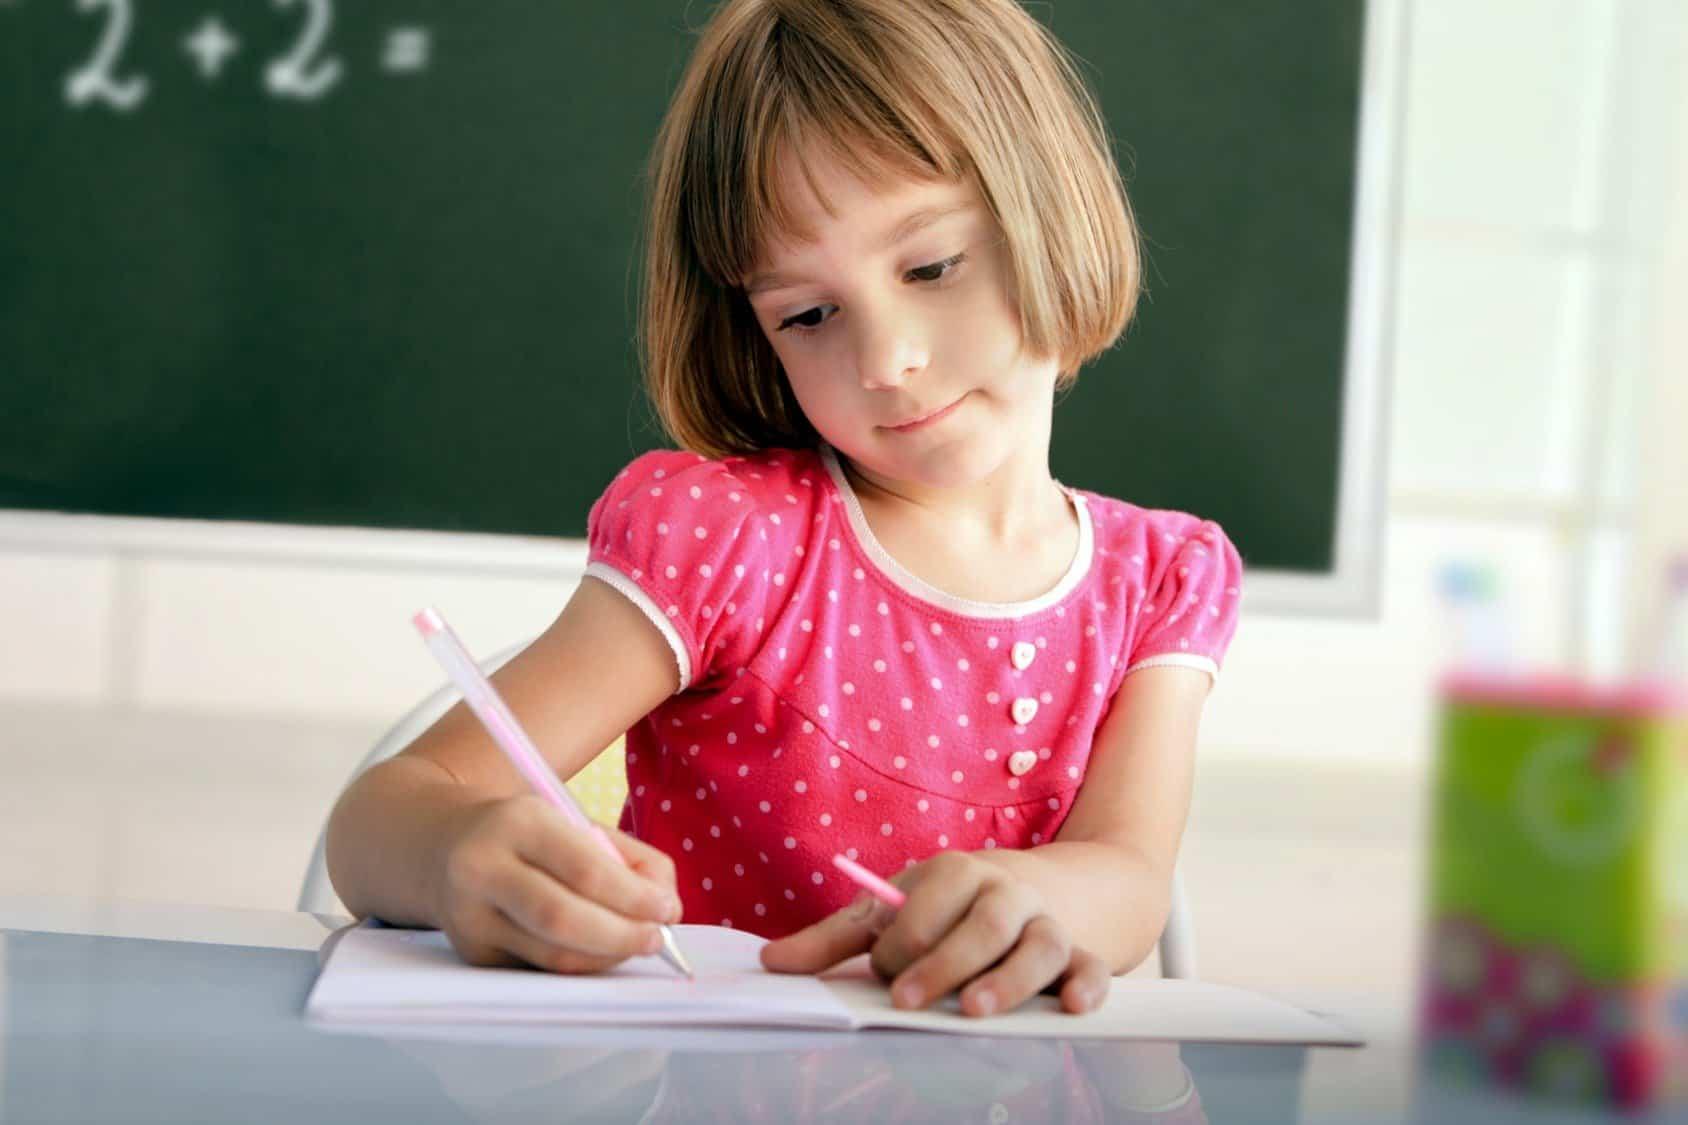 Картинка девочка учит уроки для детей